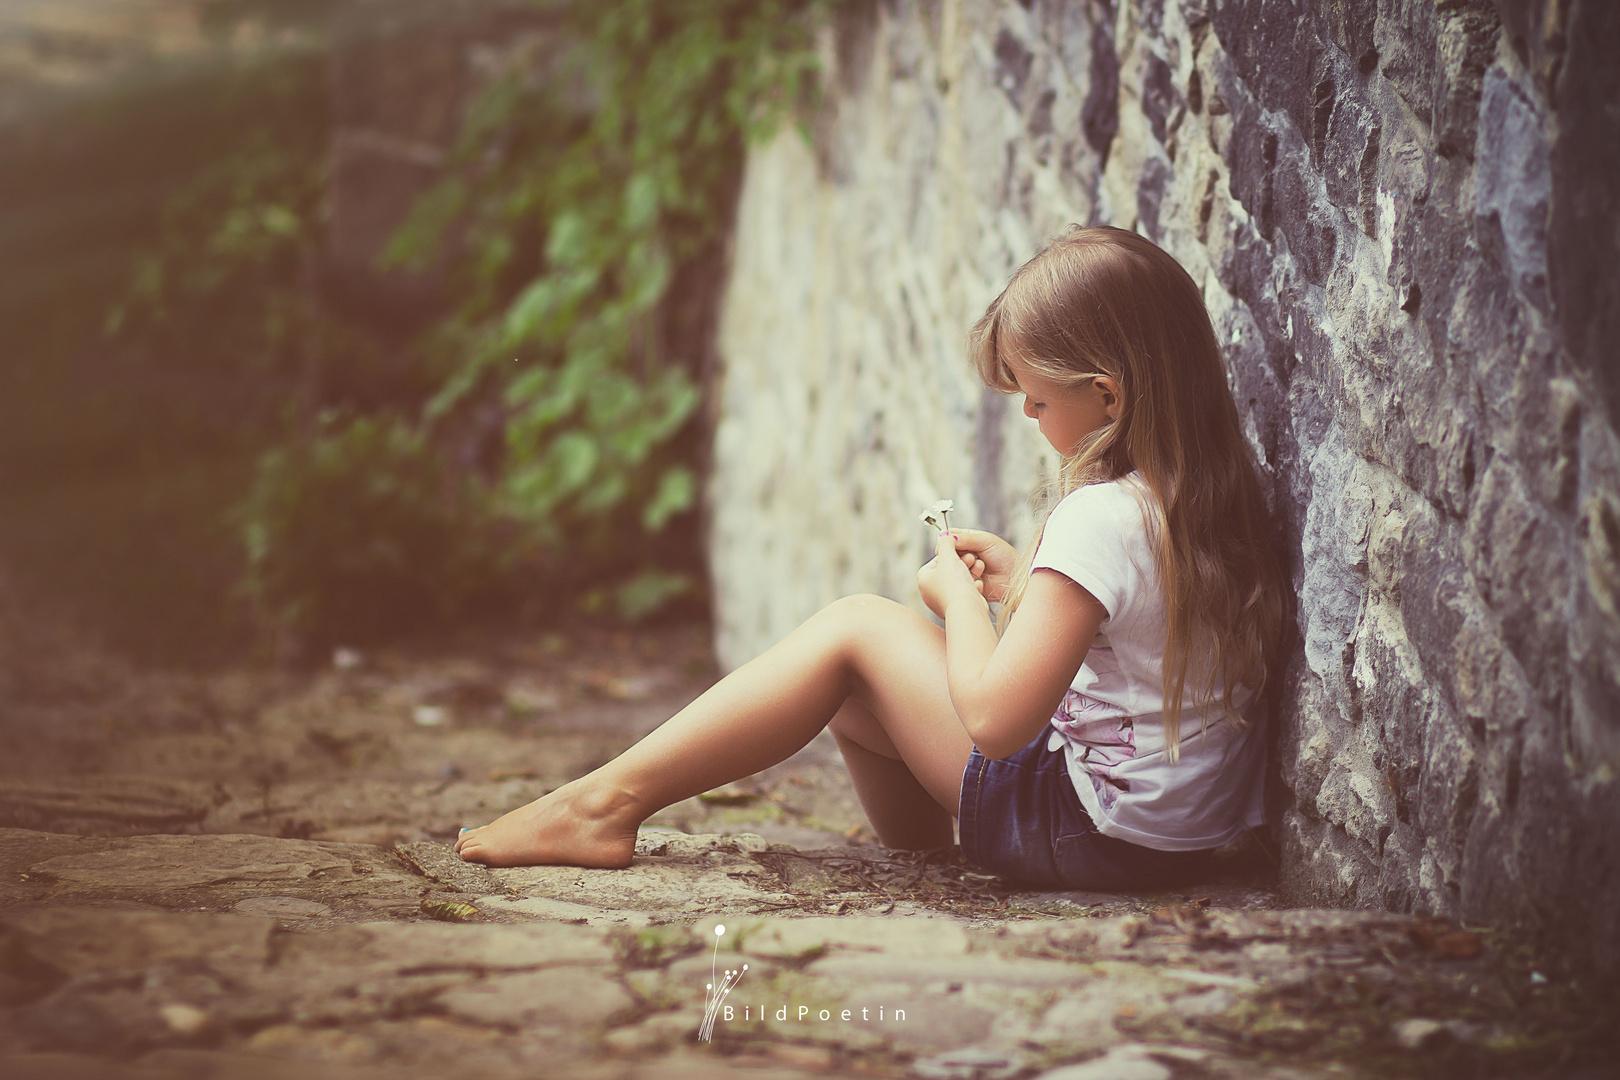 Kinder leben in ihrer Fantasie...